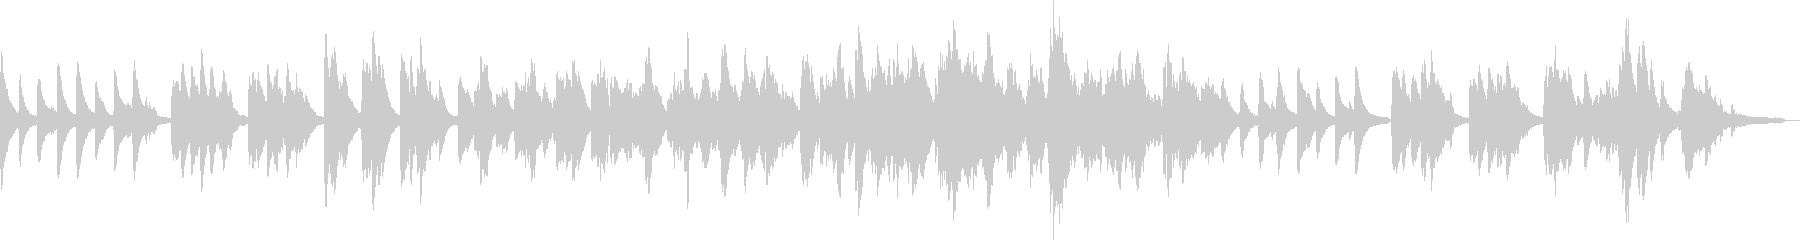 透明感のあるピアノソロの未再生の波形